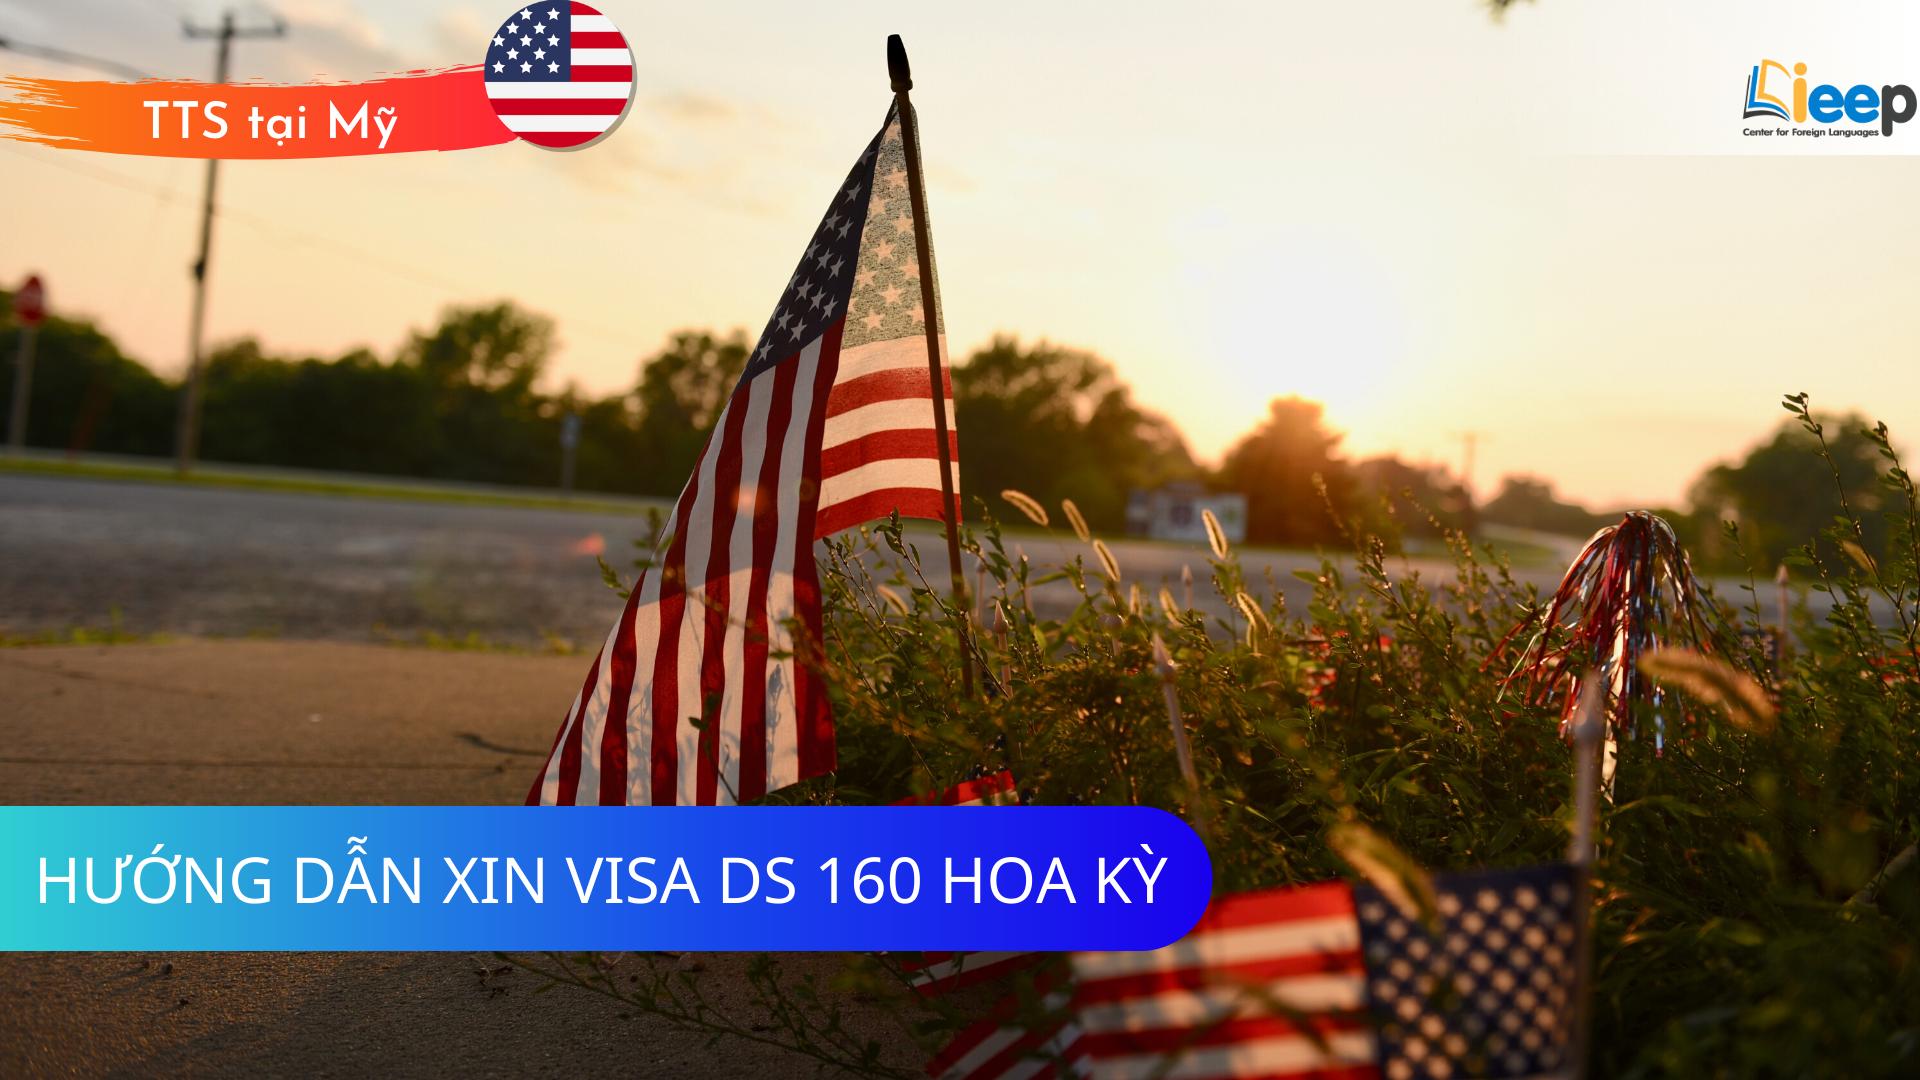 THÔNG TIN CẦN THIẾT ĐỂ KHAI ĐƠN XIN VISA (DS-160)